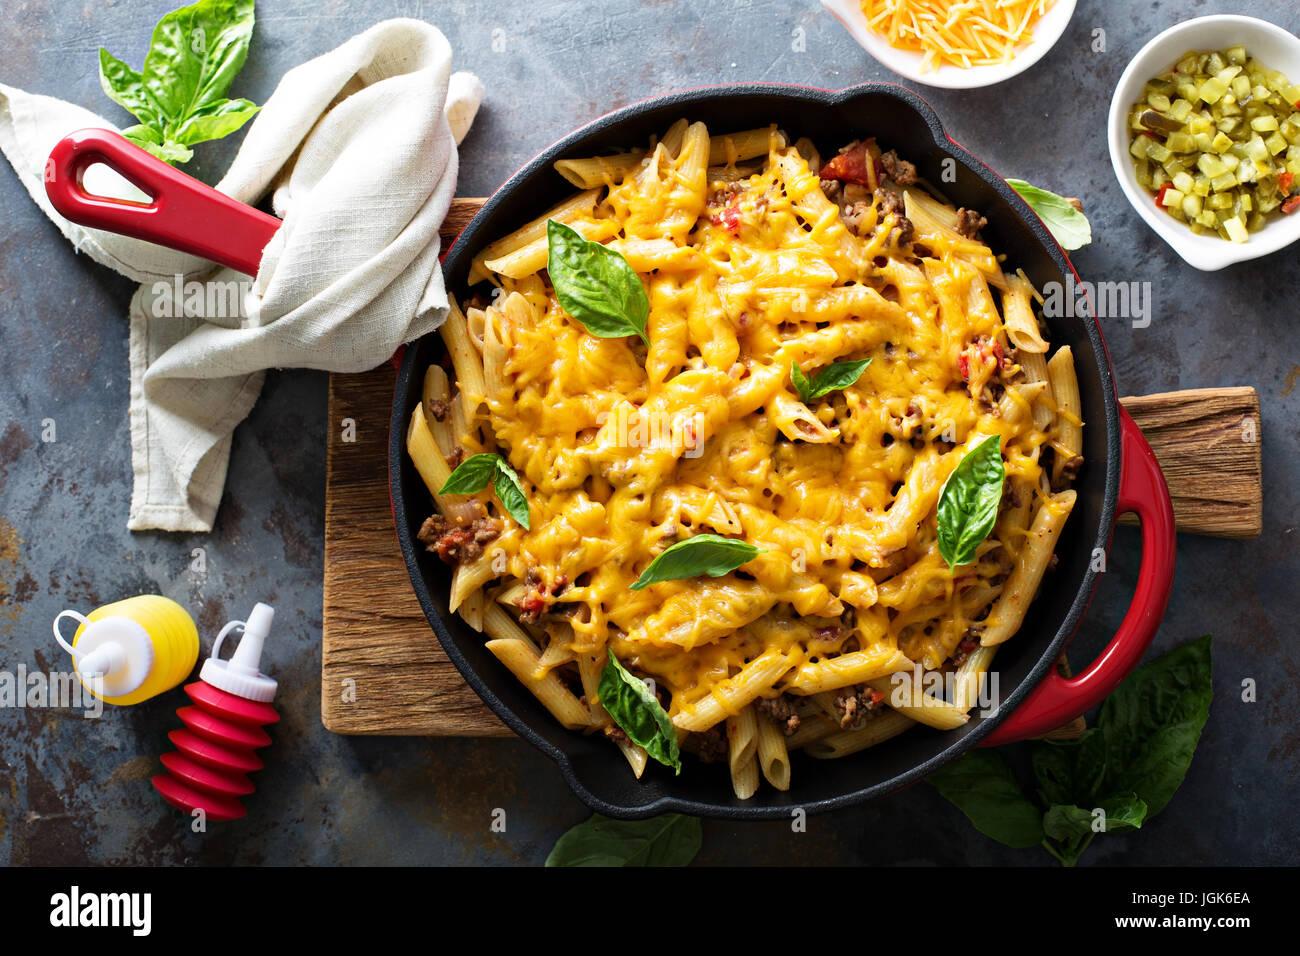 Cursi cocer la pasta con carne picada y hierbas Imagen De Stock